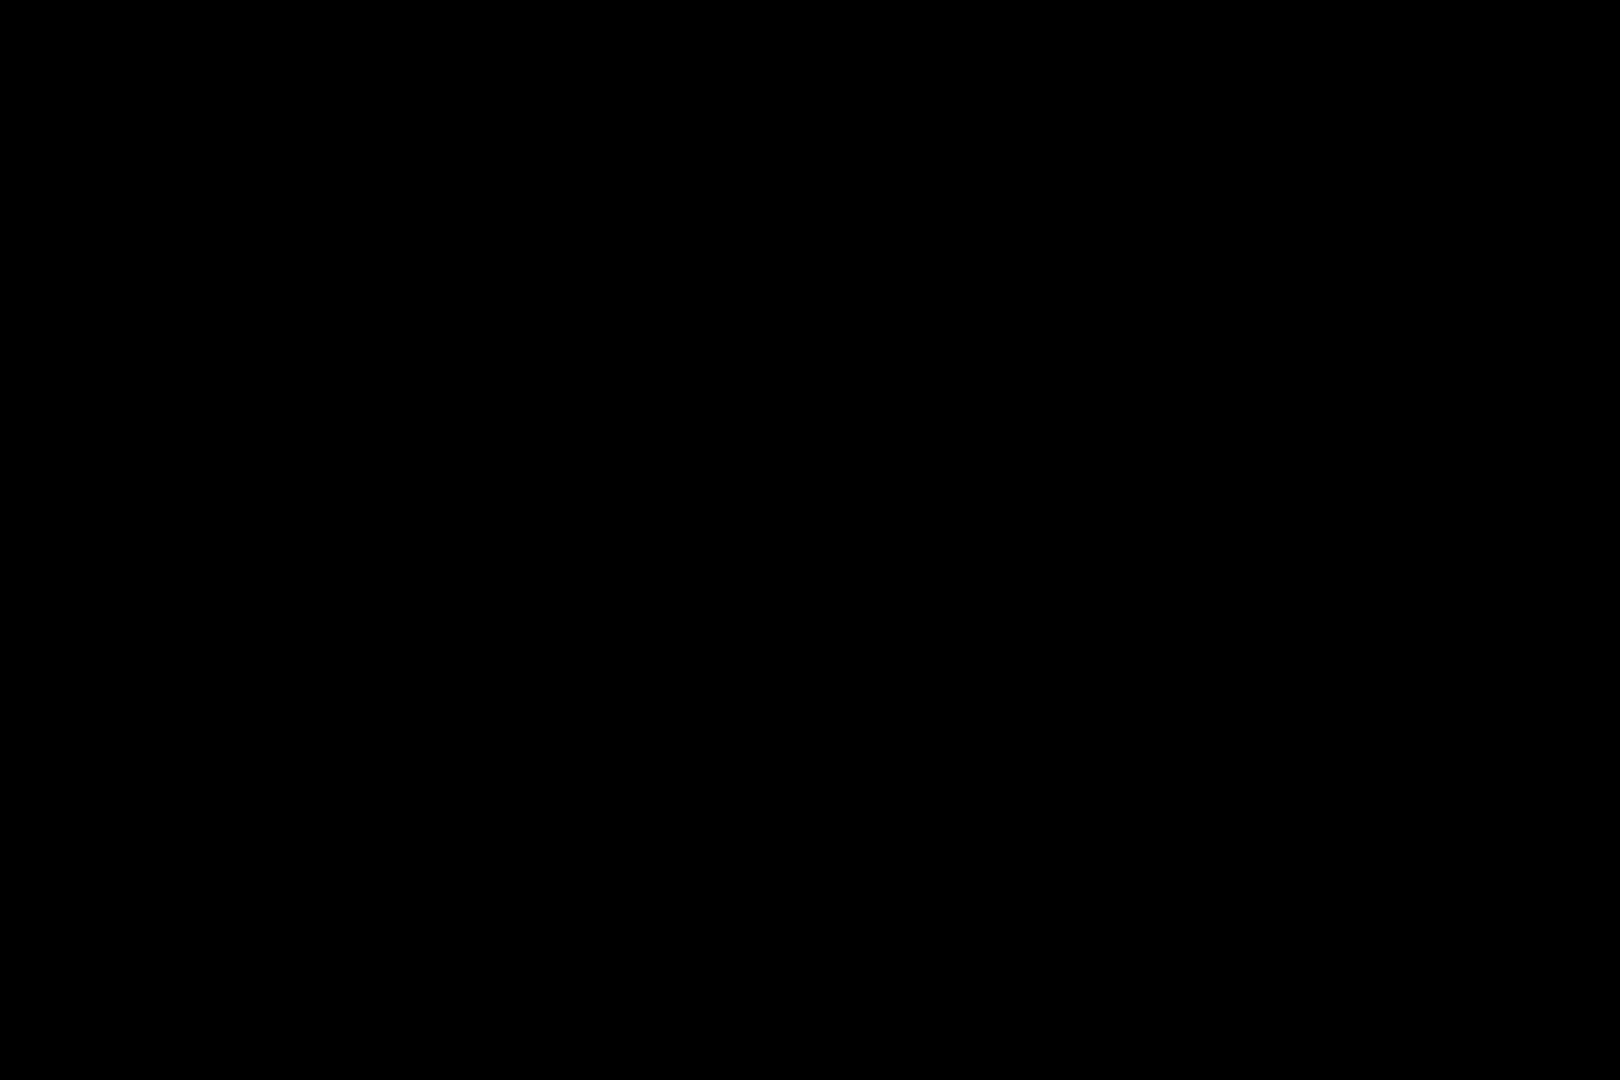 充血監督の深夜の運動会Vol.160 エロティックなOL AV動画キャプチャ 82画像 42